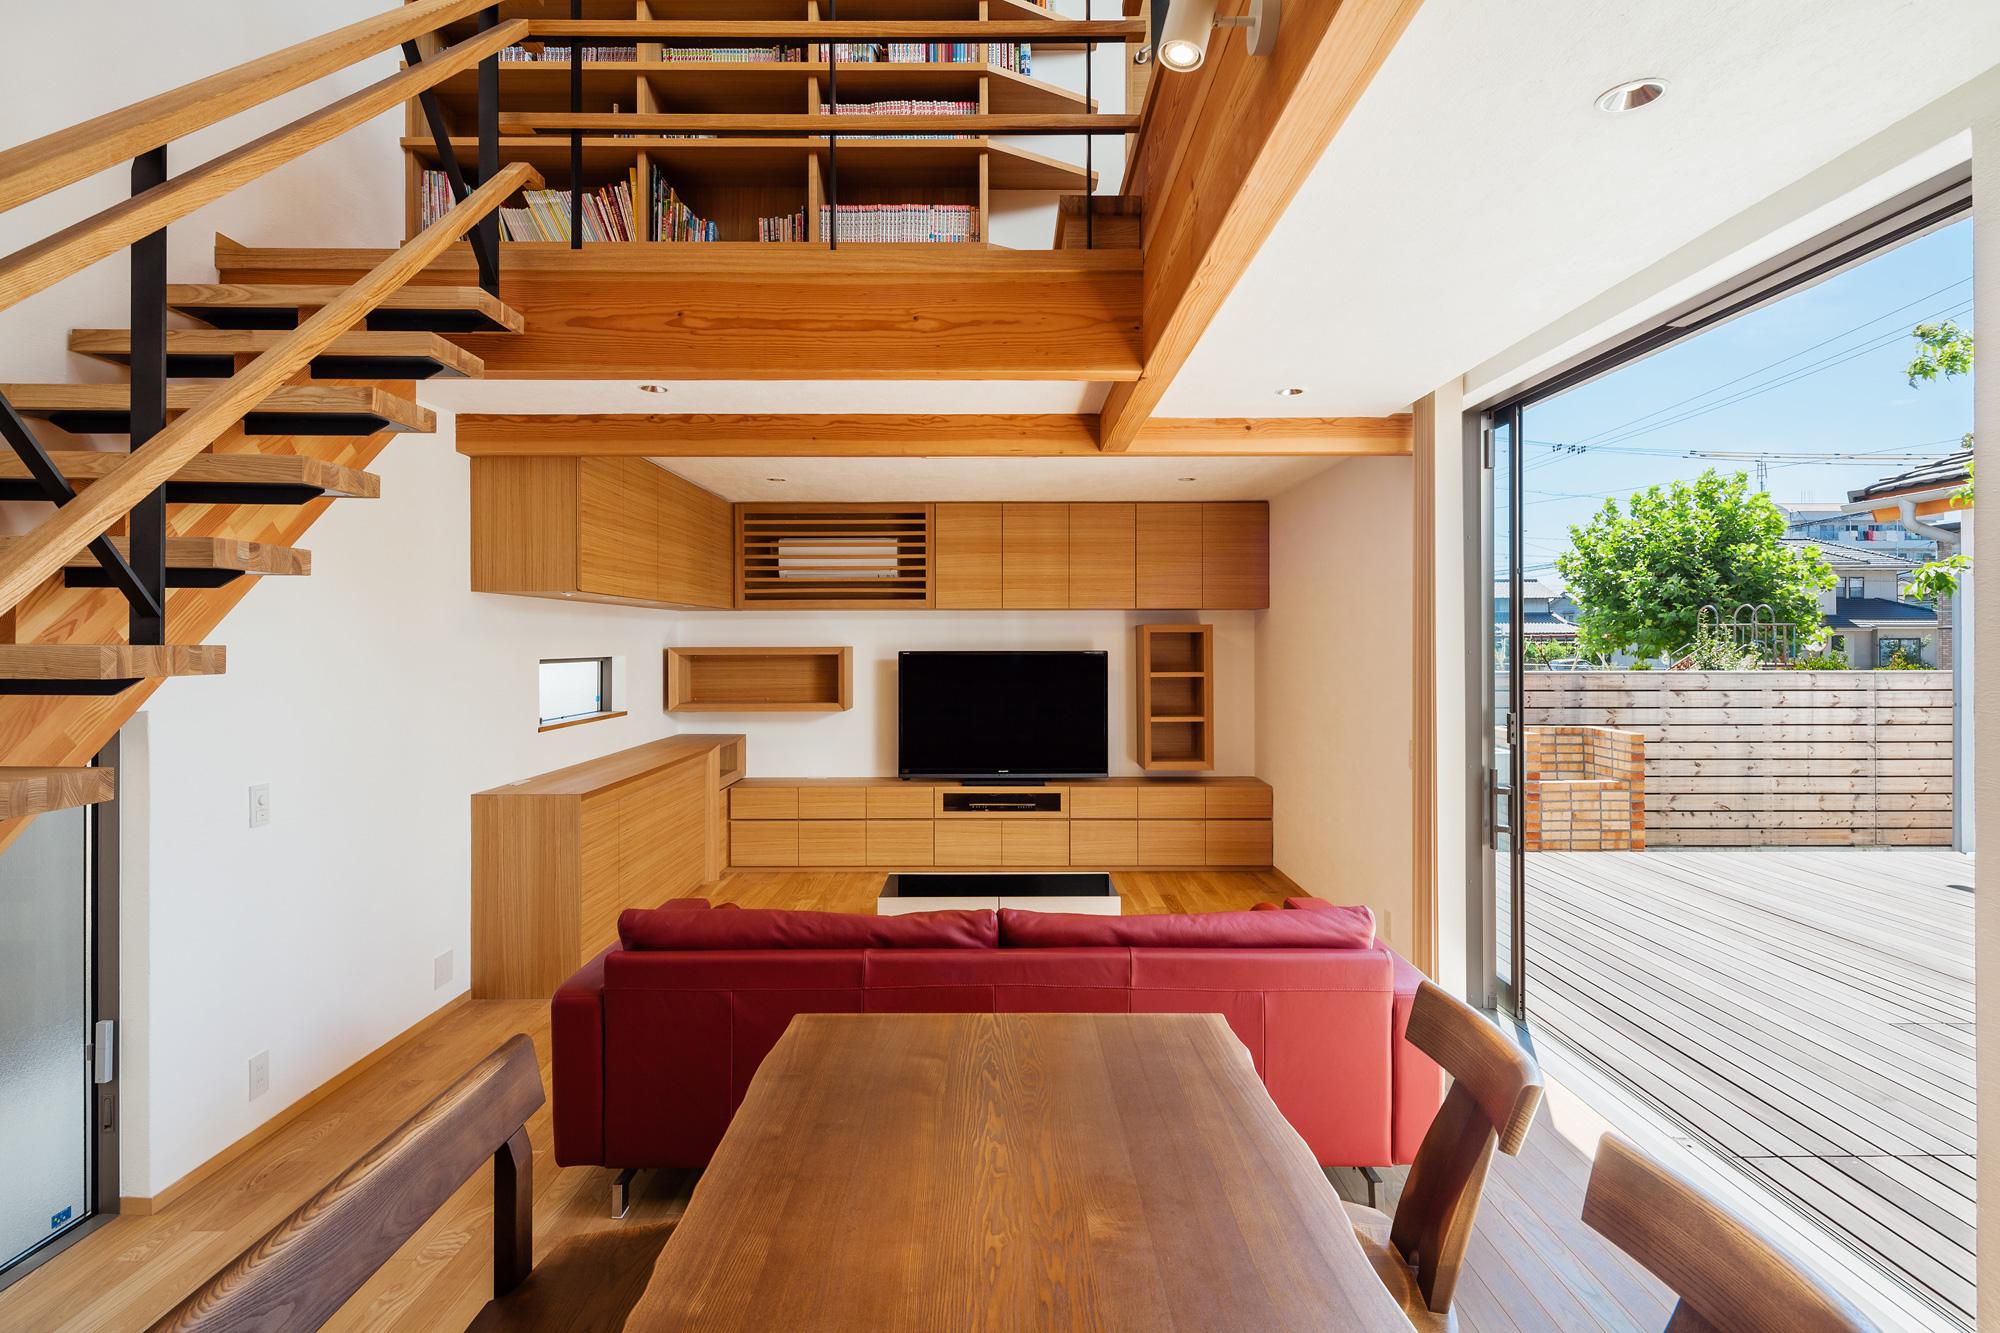 リビング: インテリアは木目の美しいタモ材を使い、壁や天井も自然素材である漆喰を用いてナチュラルで優しい雰囲気に。上階のブリッジには書棚をつくりつけています